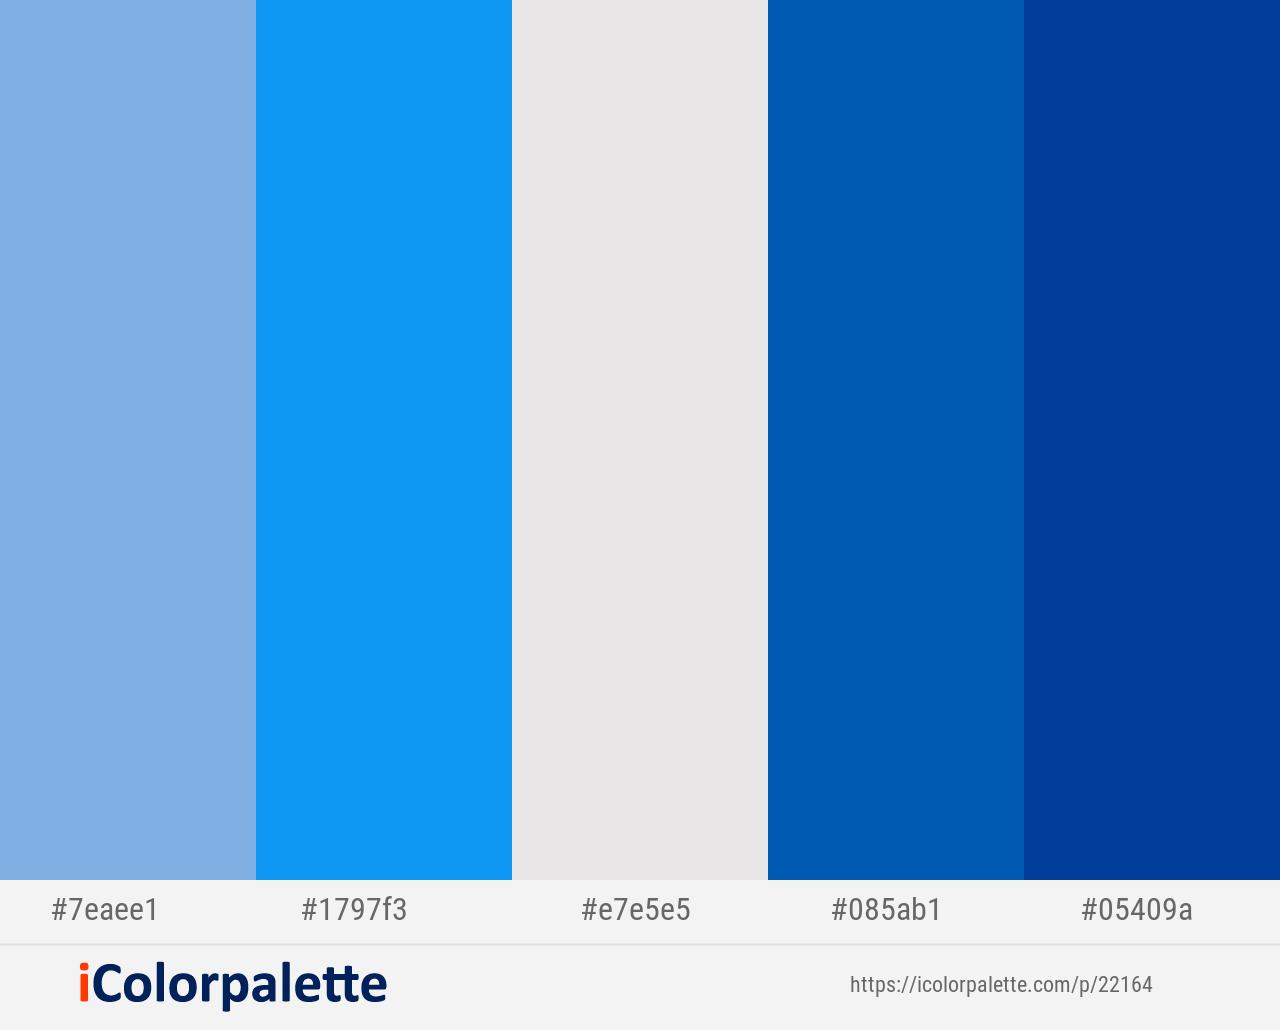 cornflower dodger blue mercury endeavour congress color scheme icolorpalette schemes colour palette pantone 321c xenon